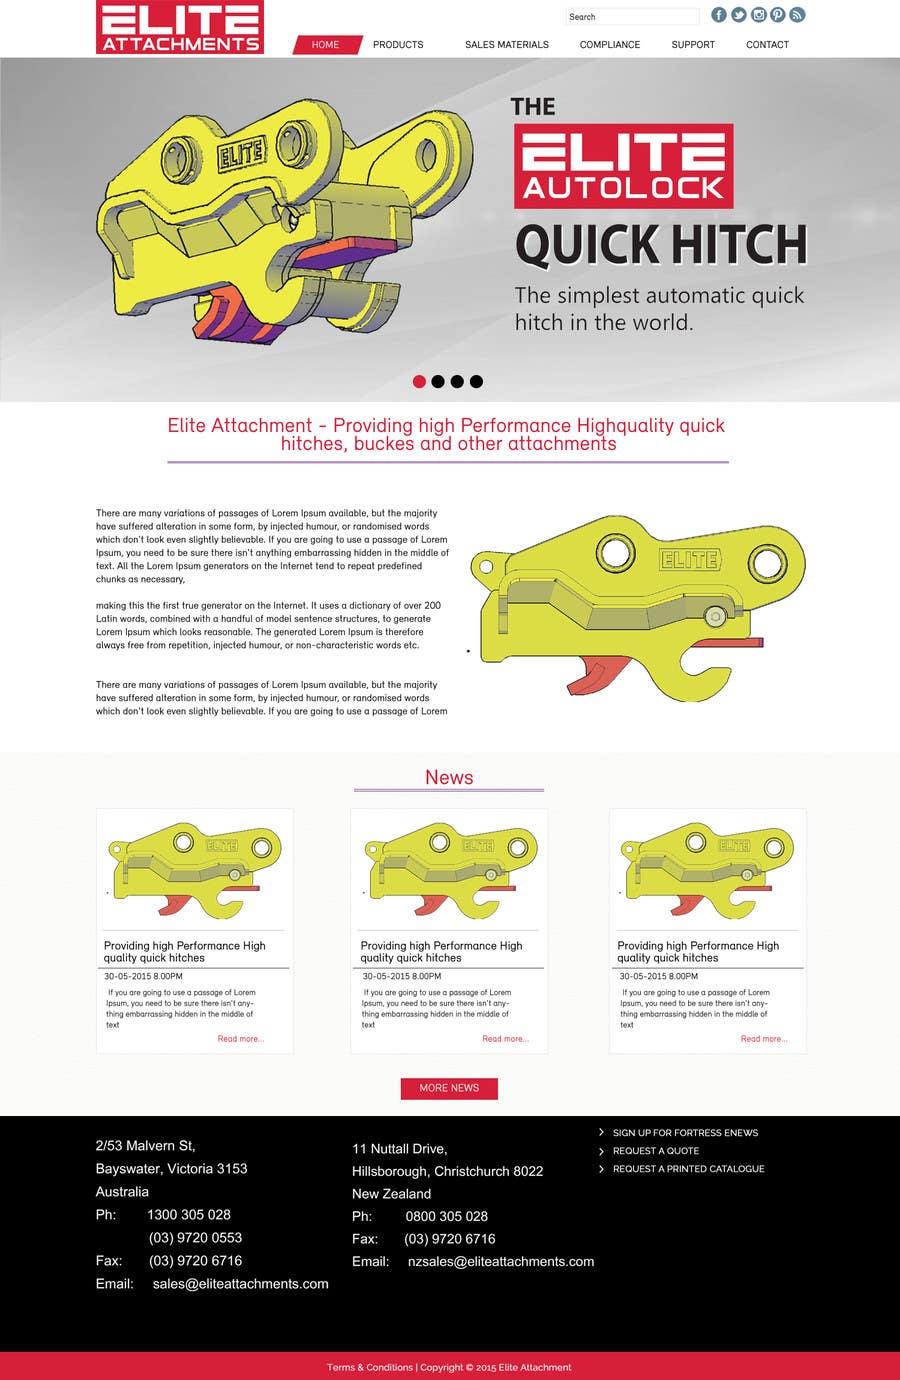 Konkurrenceindlæg #13 for Design a Website Mockup for Elite Attachments Website